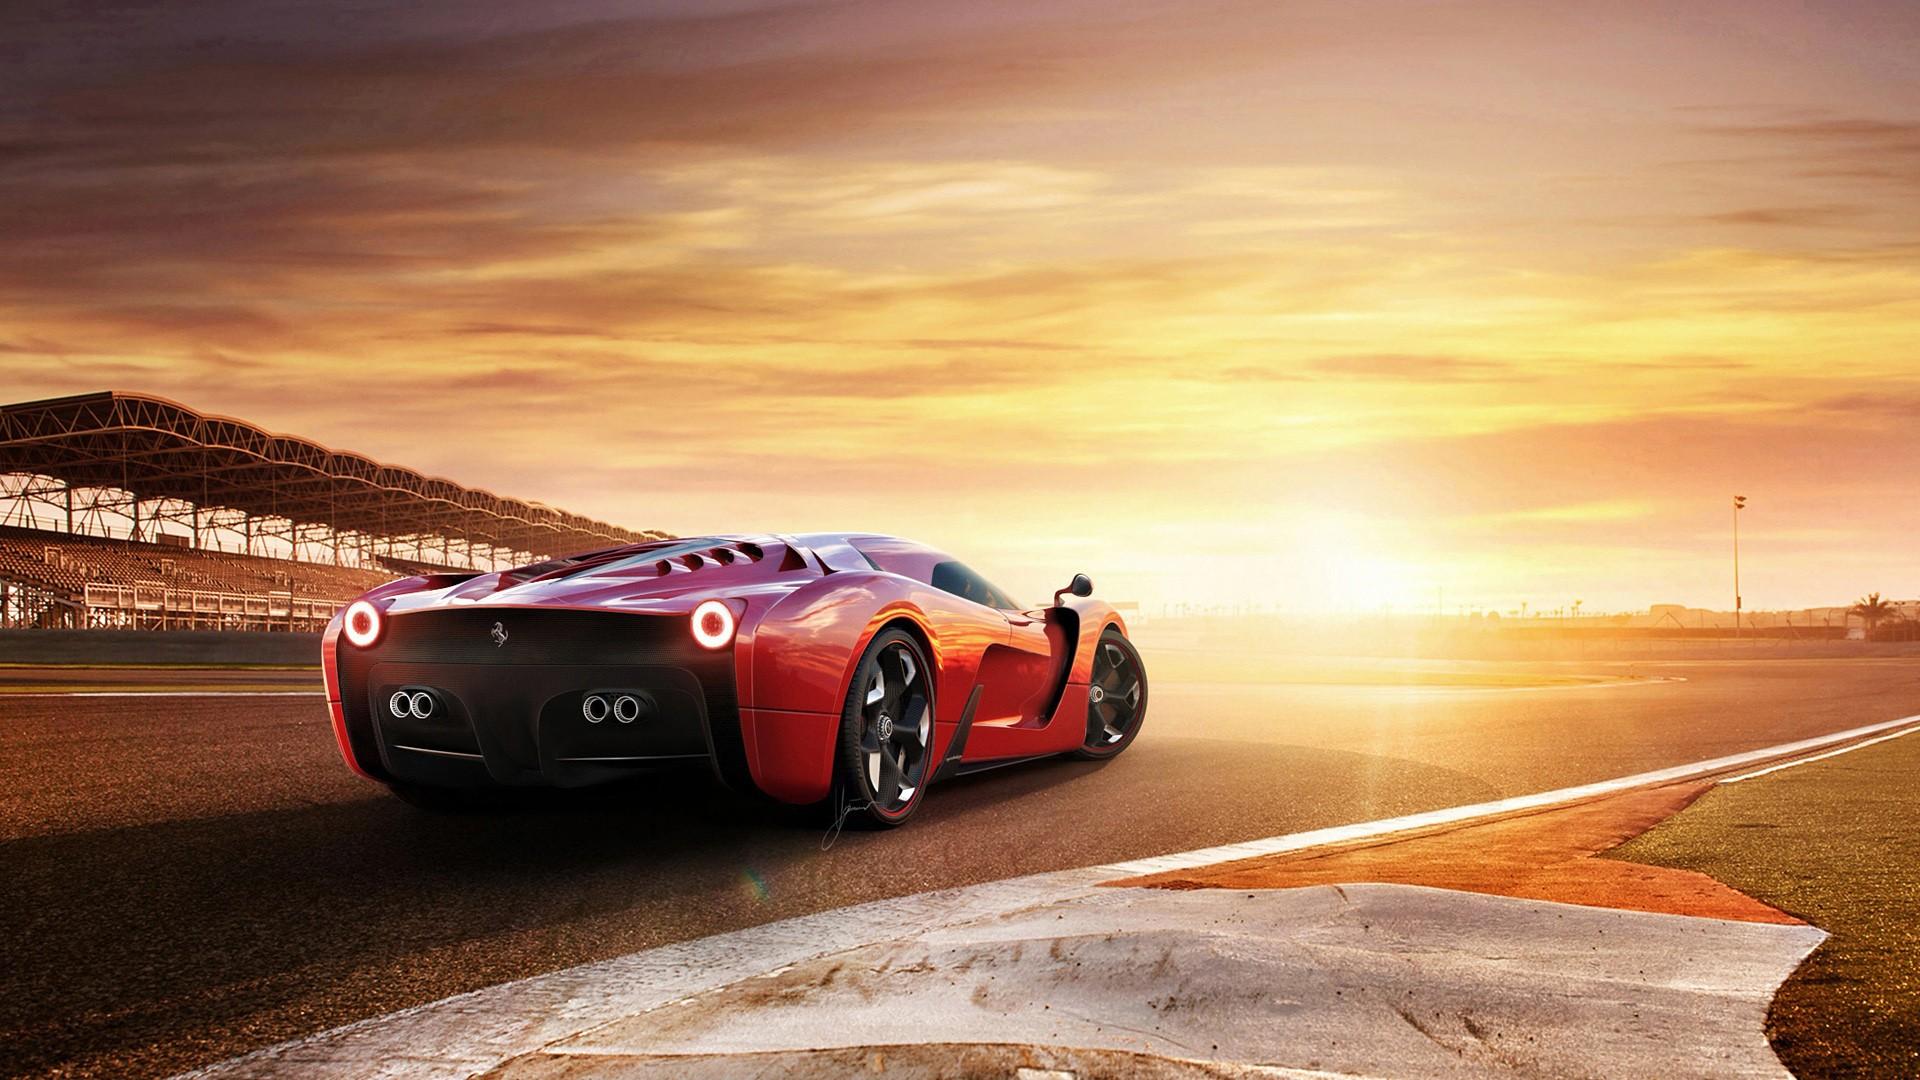 2048x1536 Car Wallpapers Ugur Sahin Design Project F Ferrari 458 Concept Wallpapers